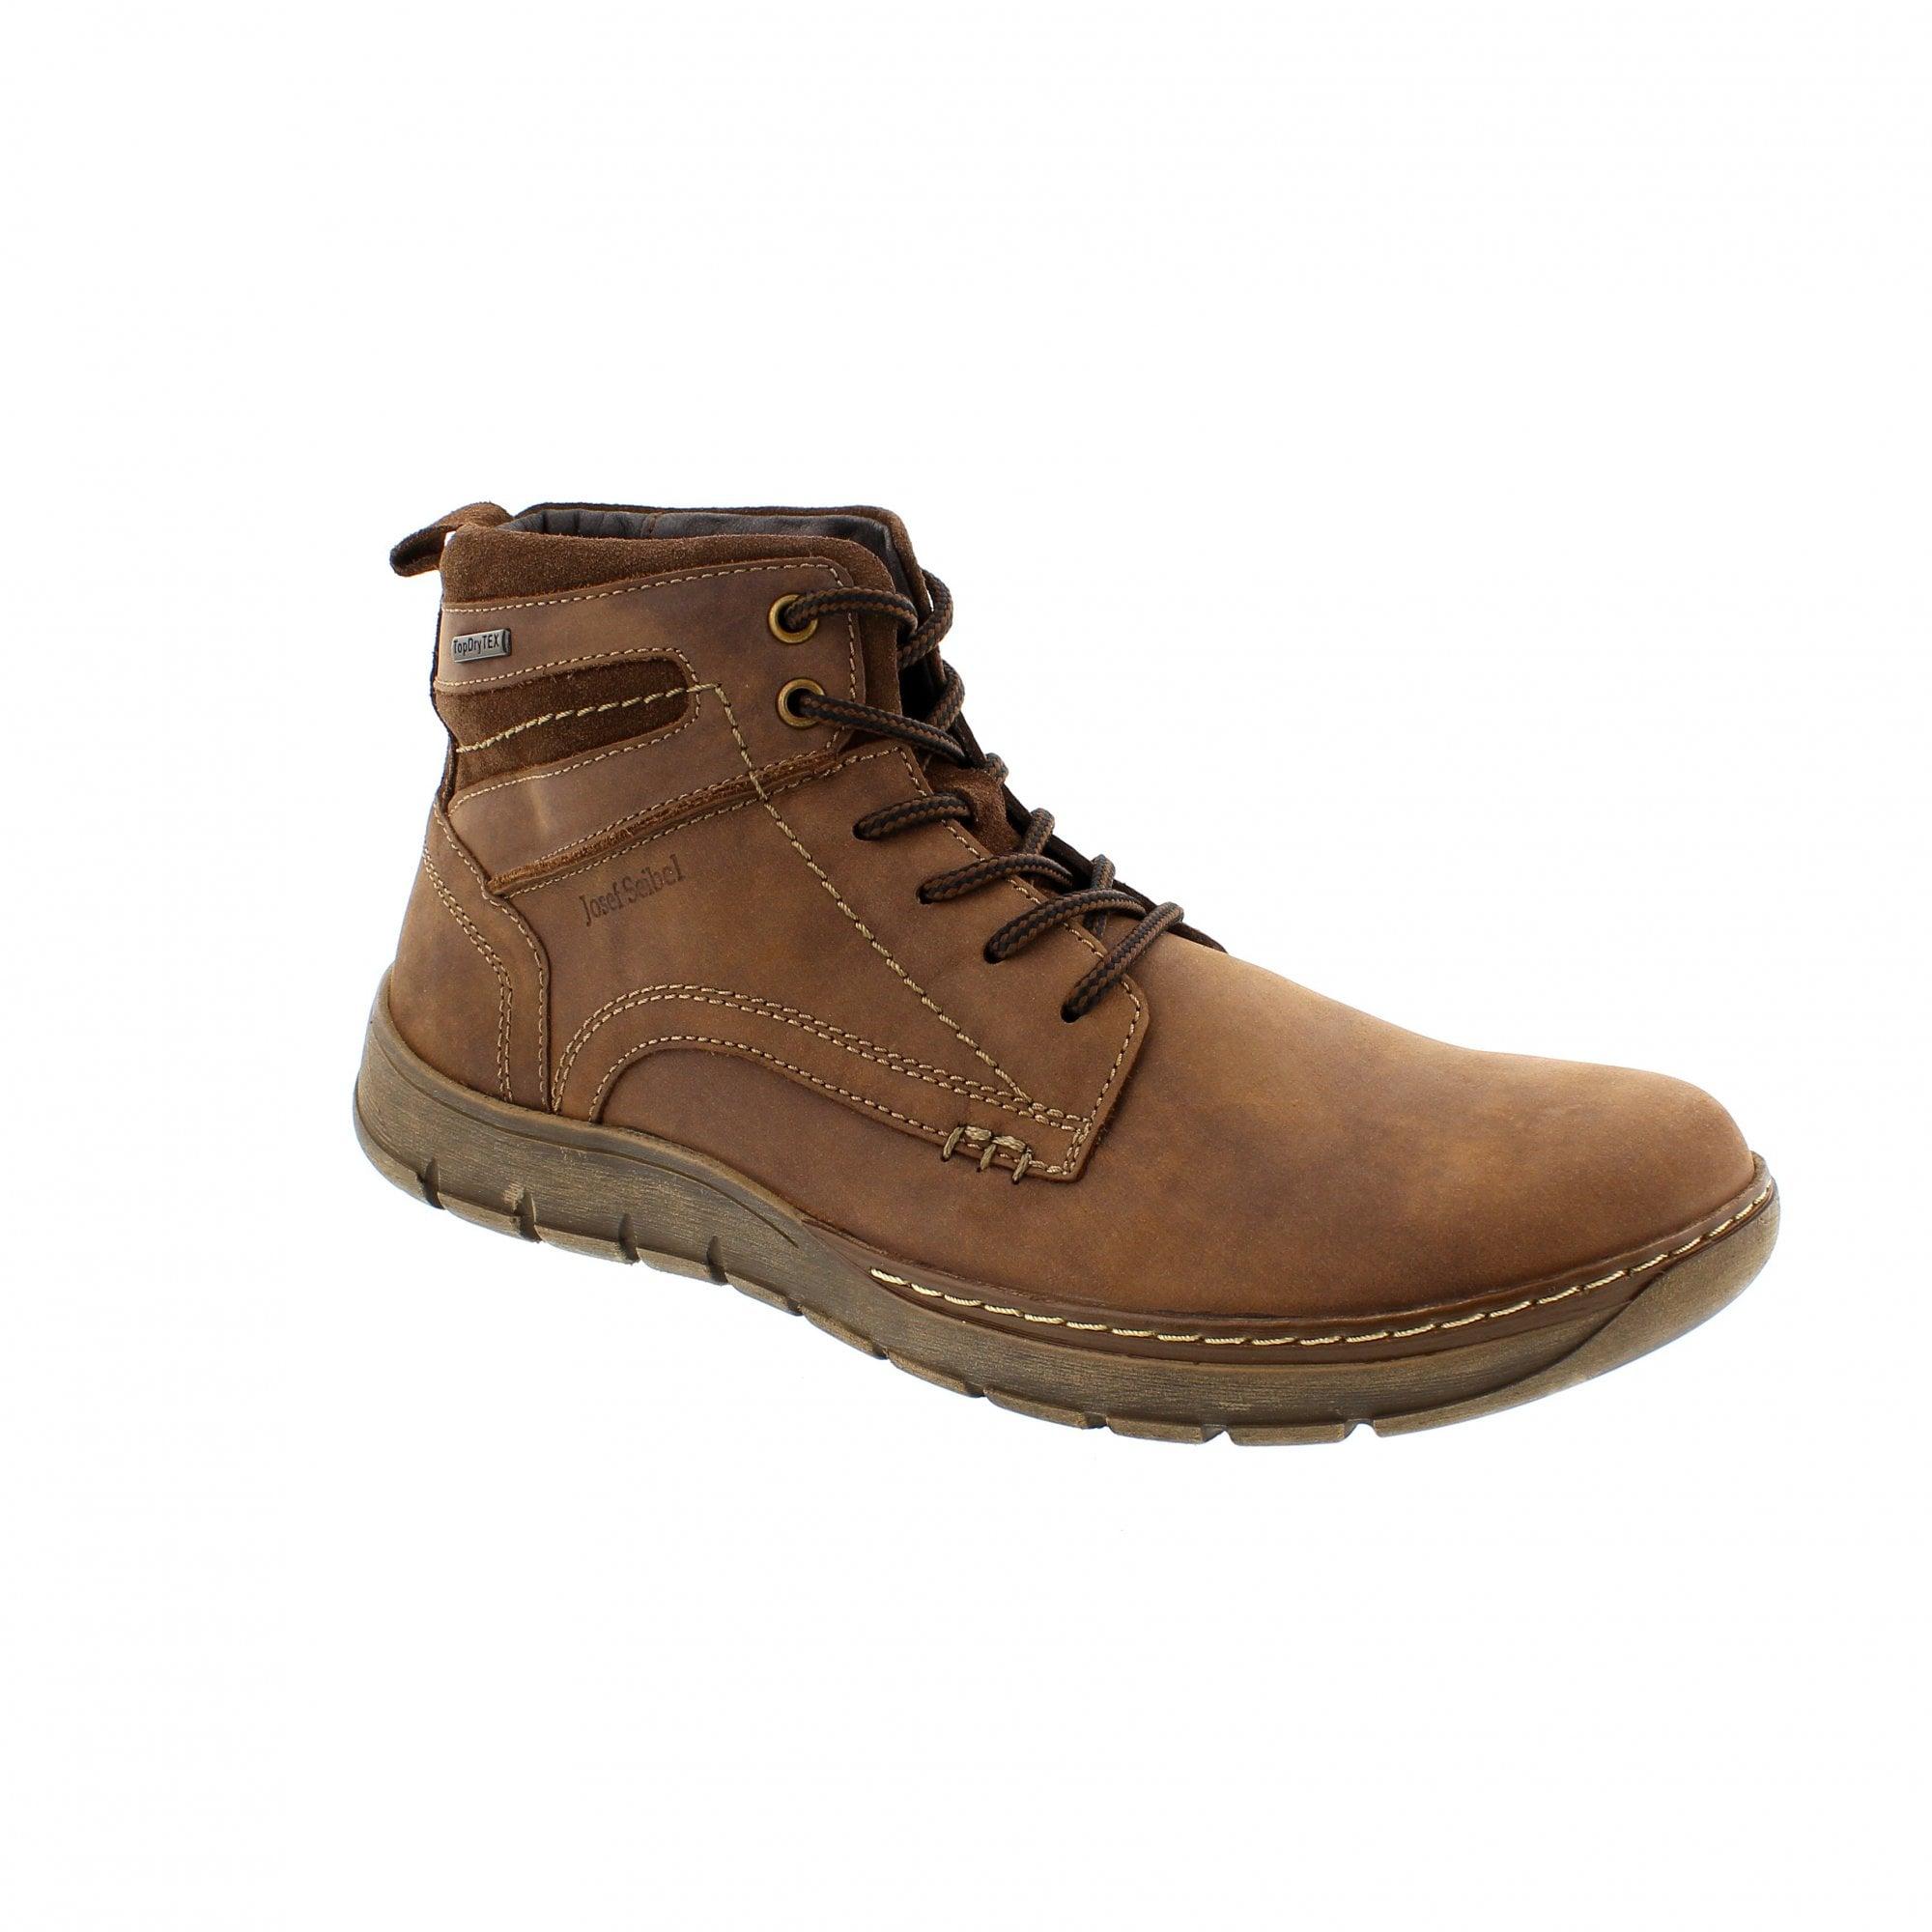 33c764e09c139 Josef Seibel Jonas 01 13851-PL768330 Mens Ankle Boots | Rogerson Shoes